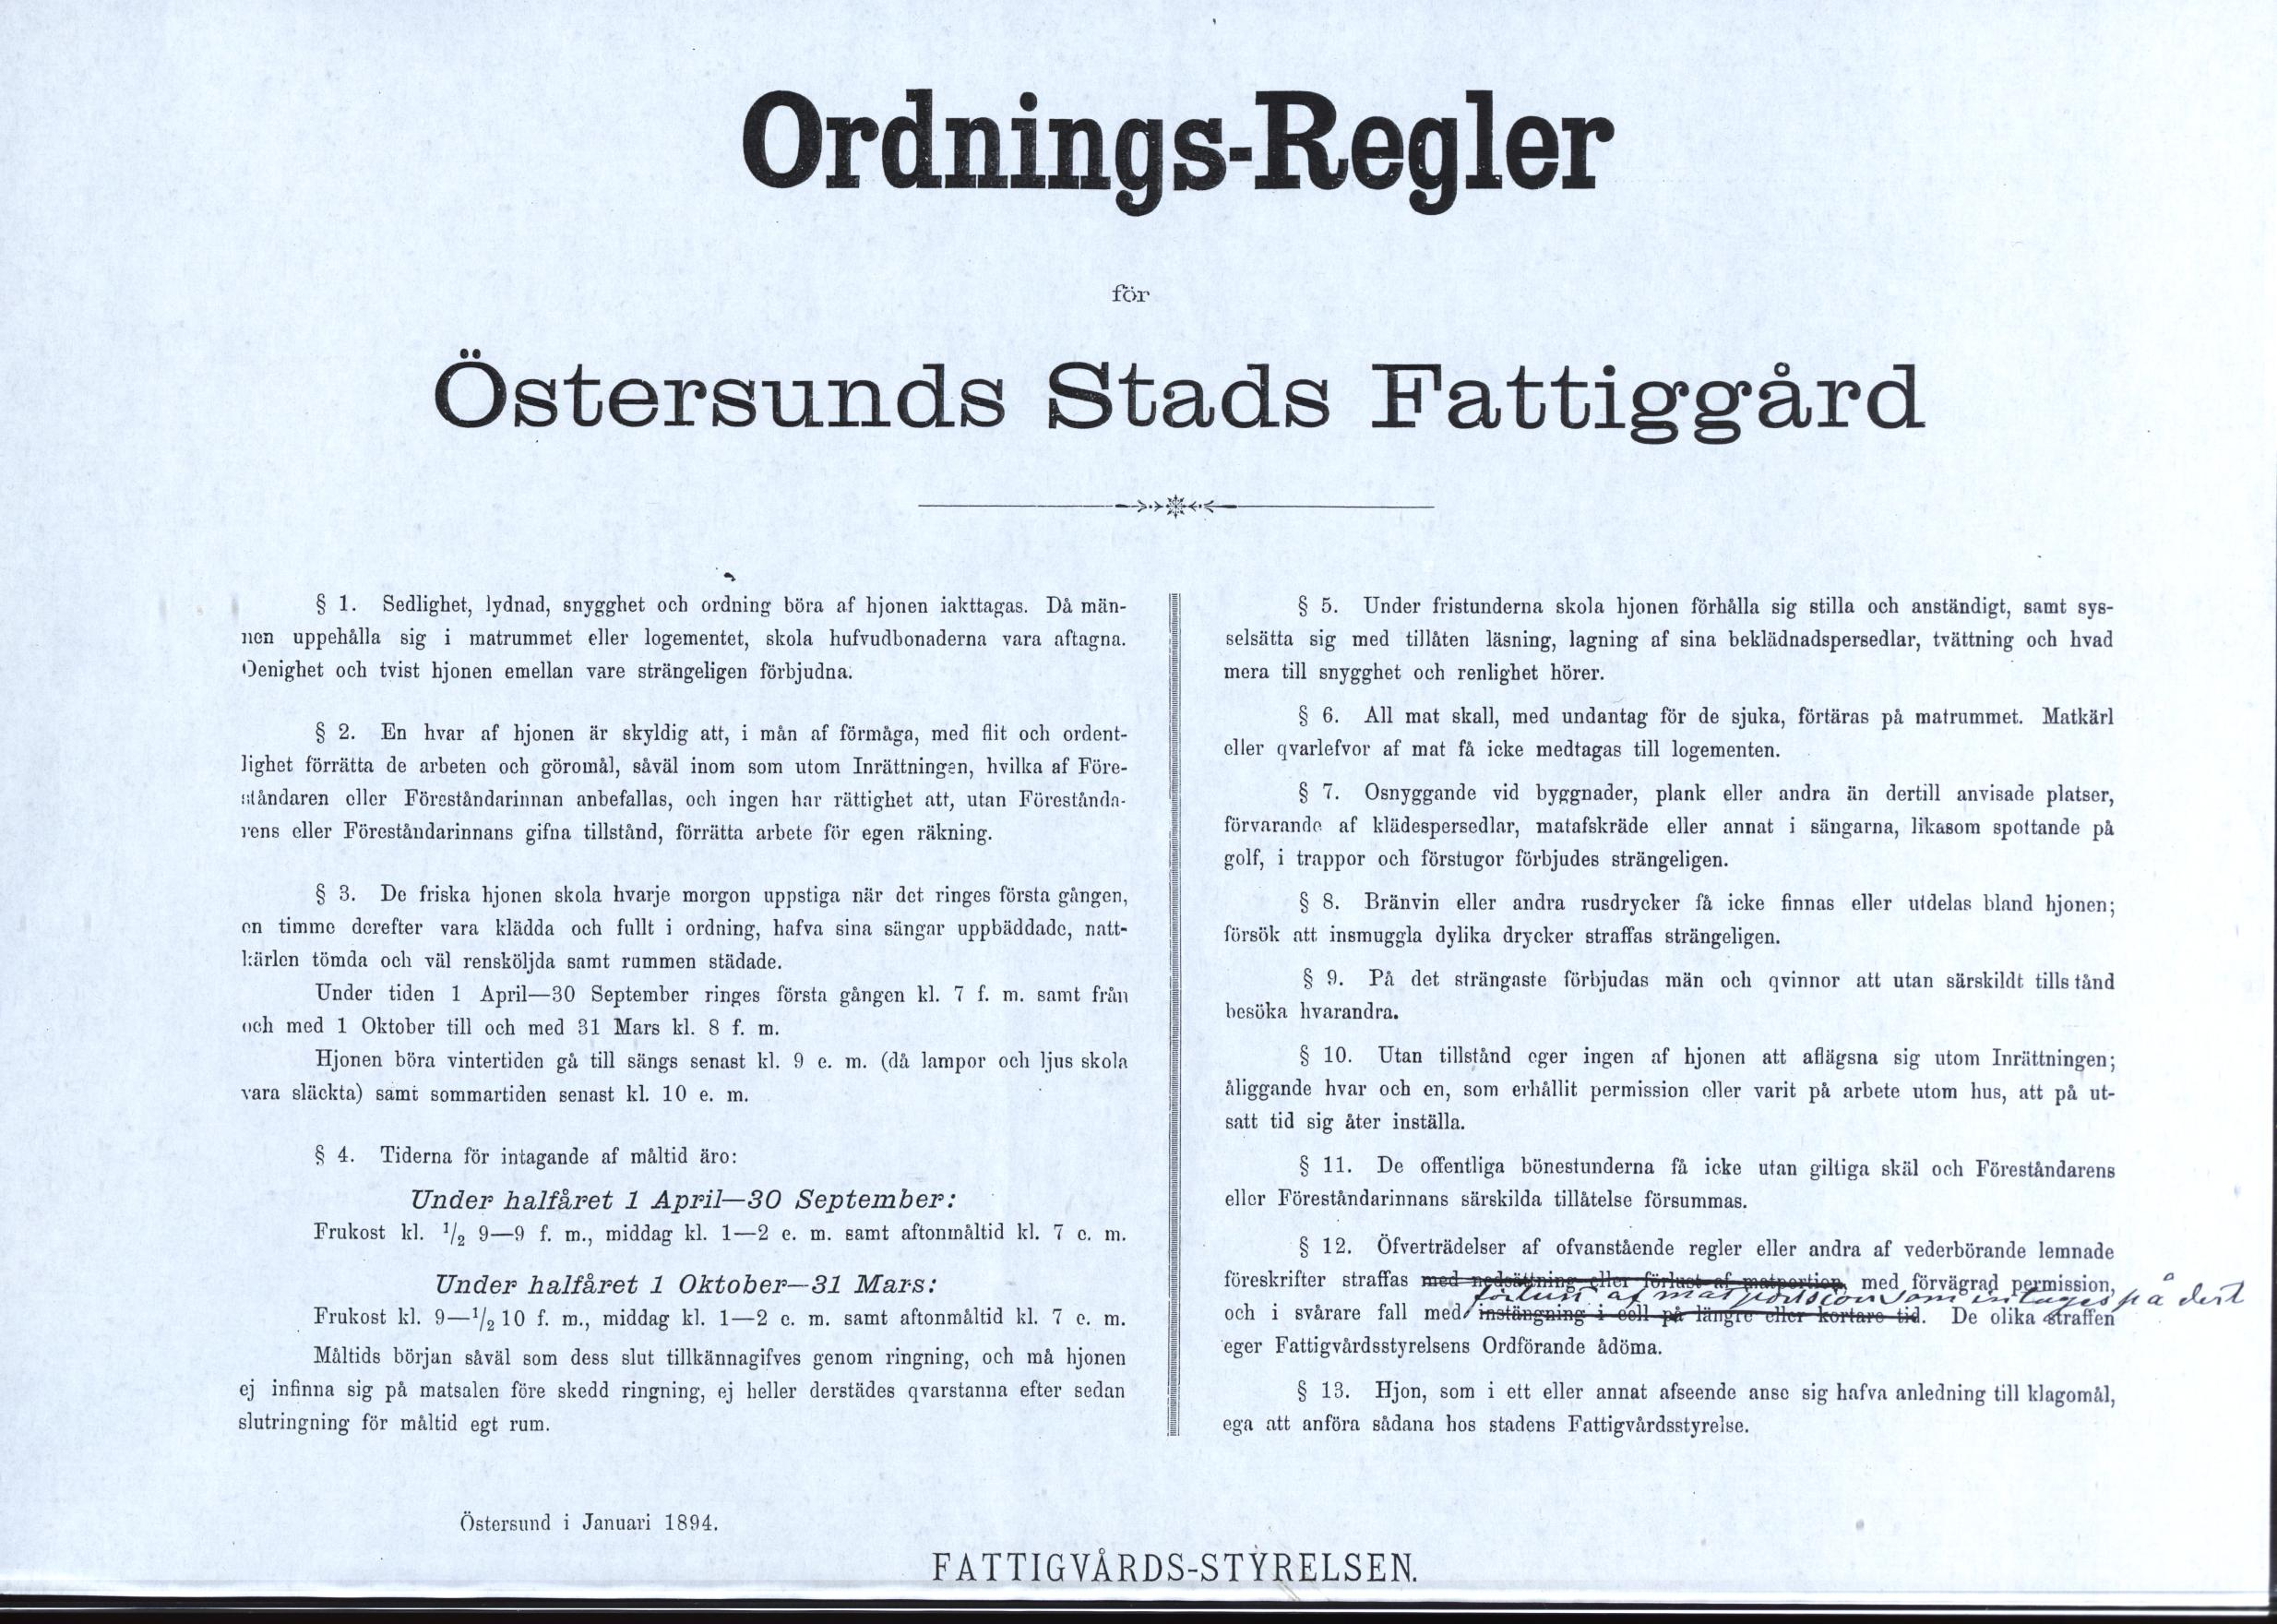 Ordningsregler för Östersunds Stads Fattiggård 1894. Från Östersunds kommunarkiv